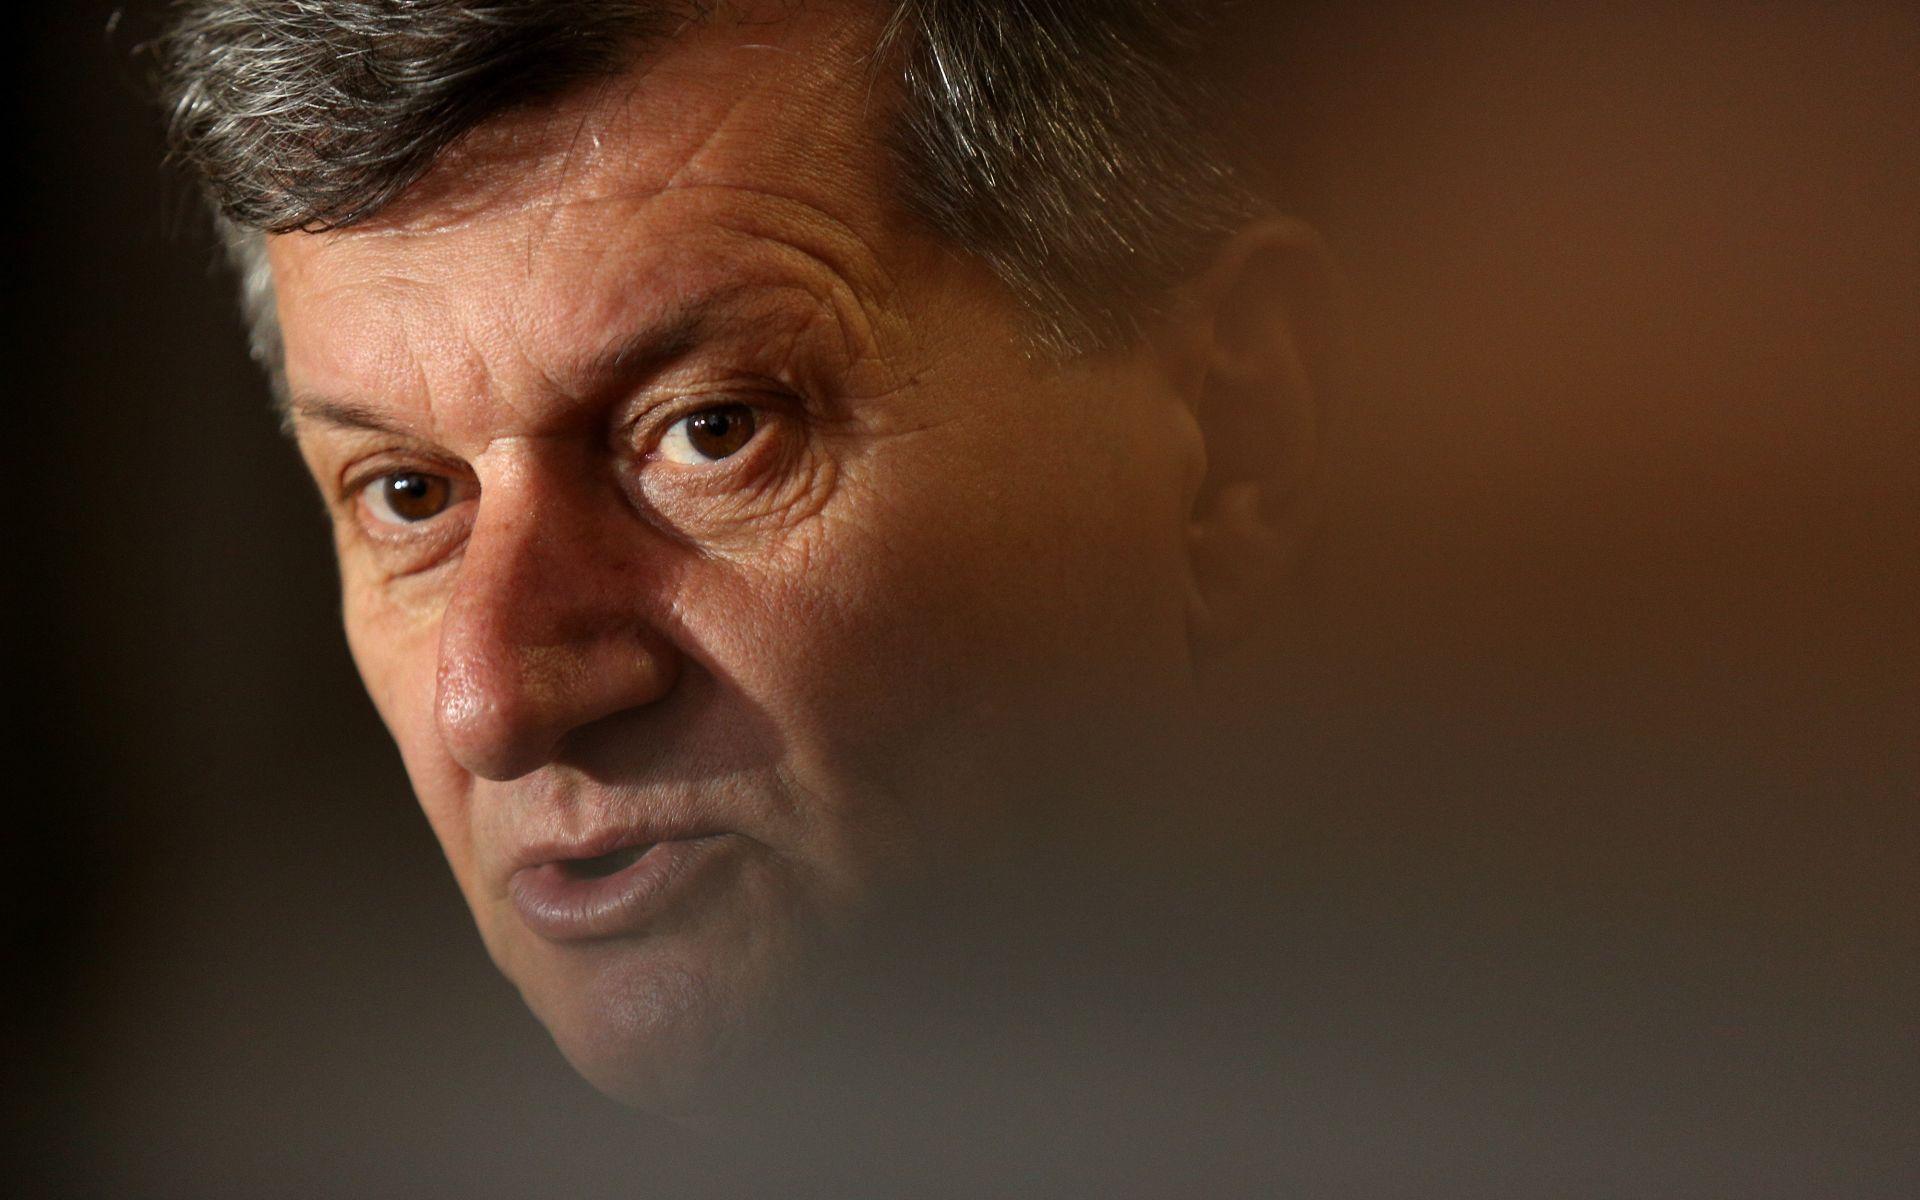 Kujundžić se sastao s Plenkovićem, očekuje se izjava za medije